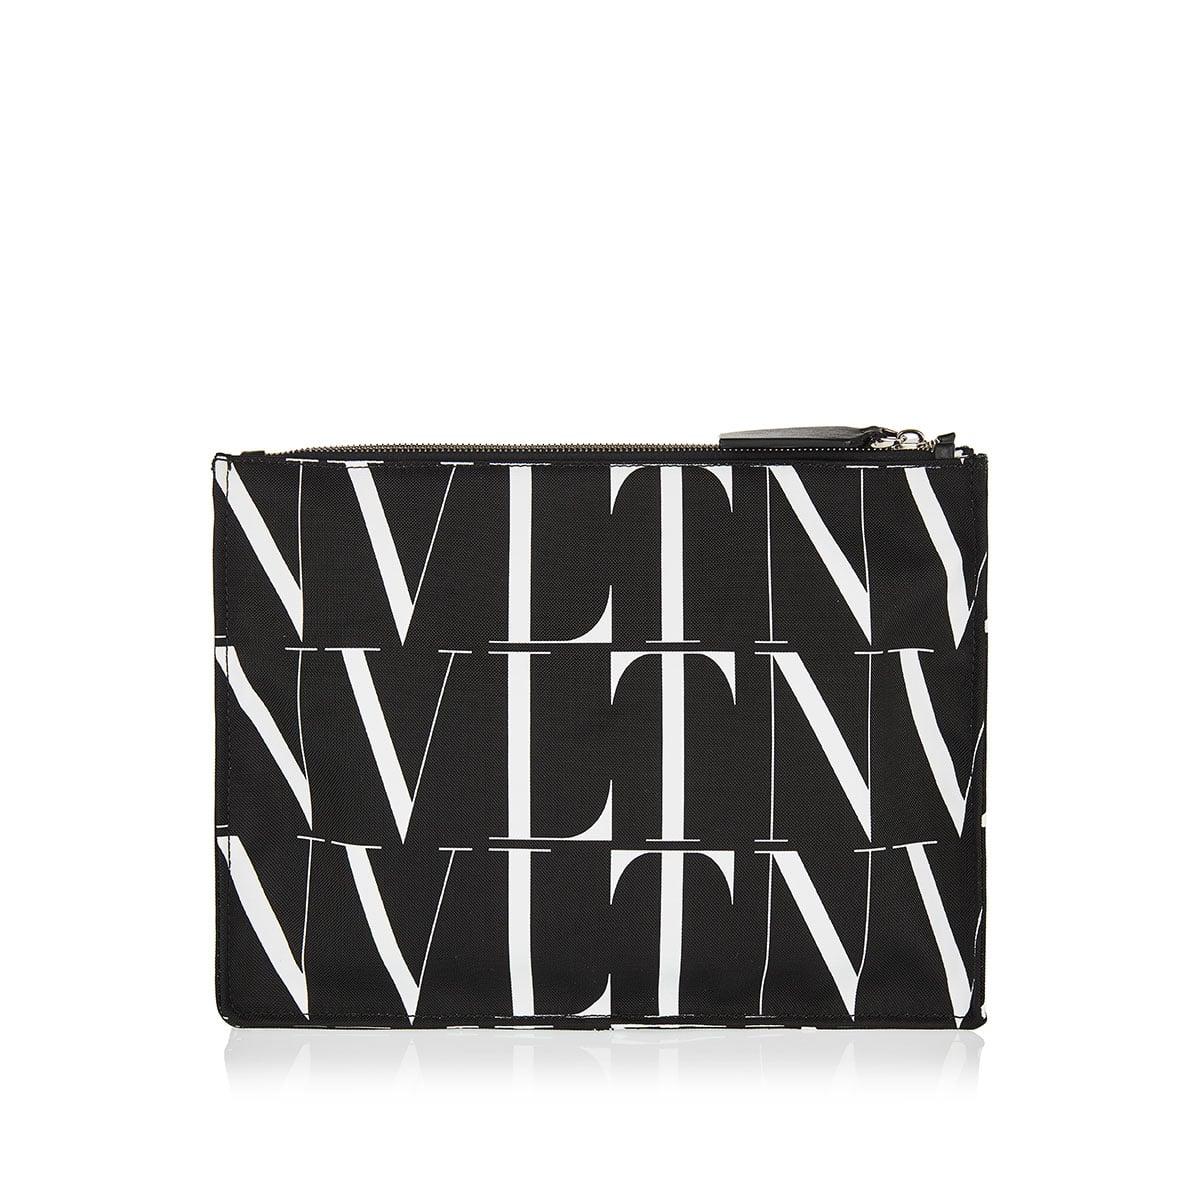 VLTN Times canvas pouch